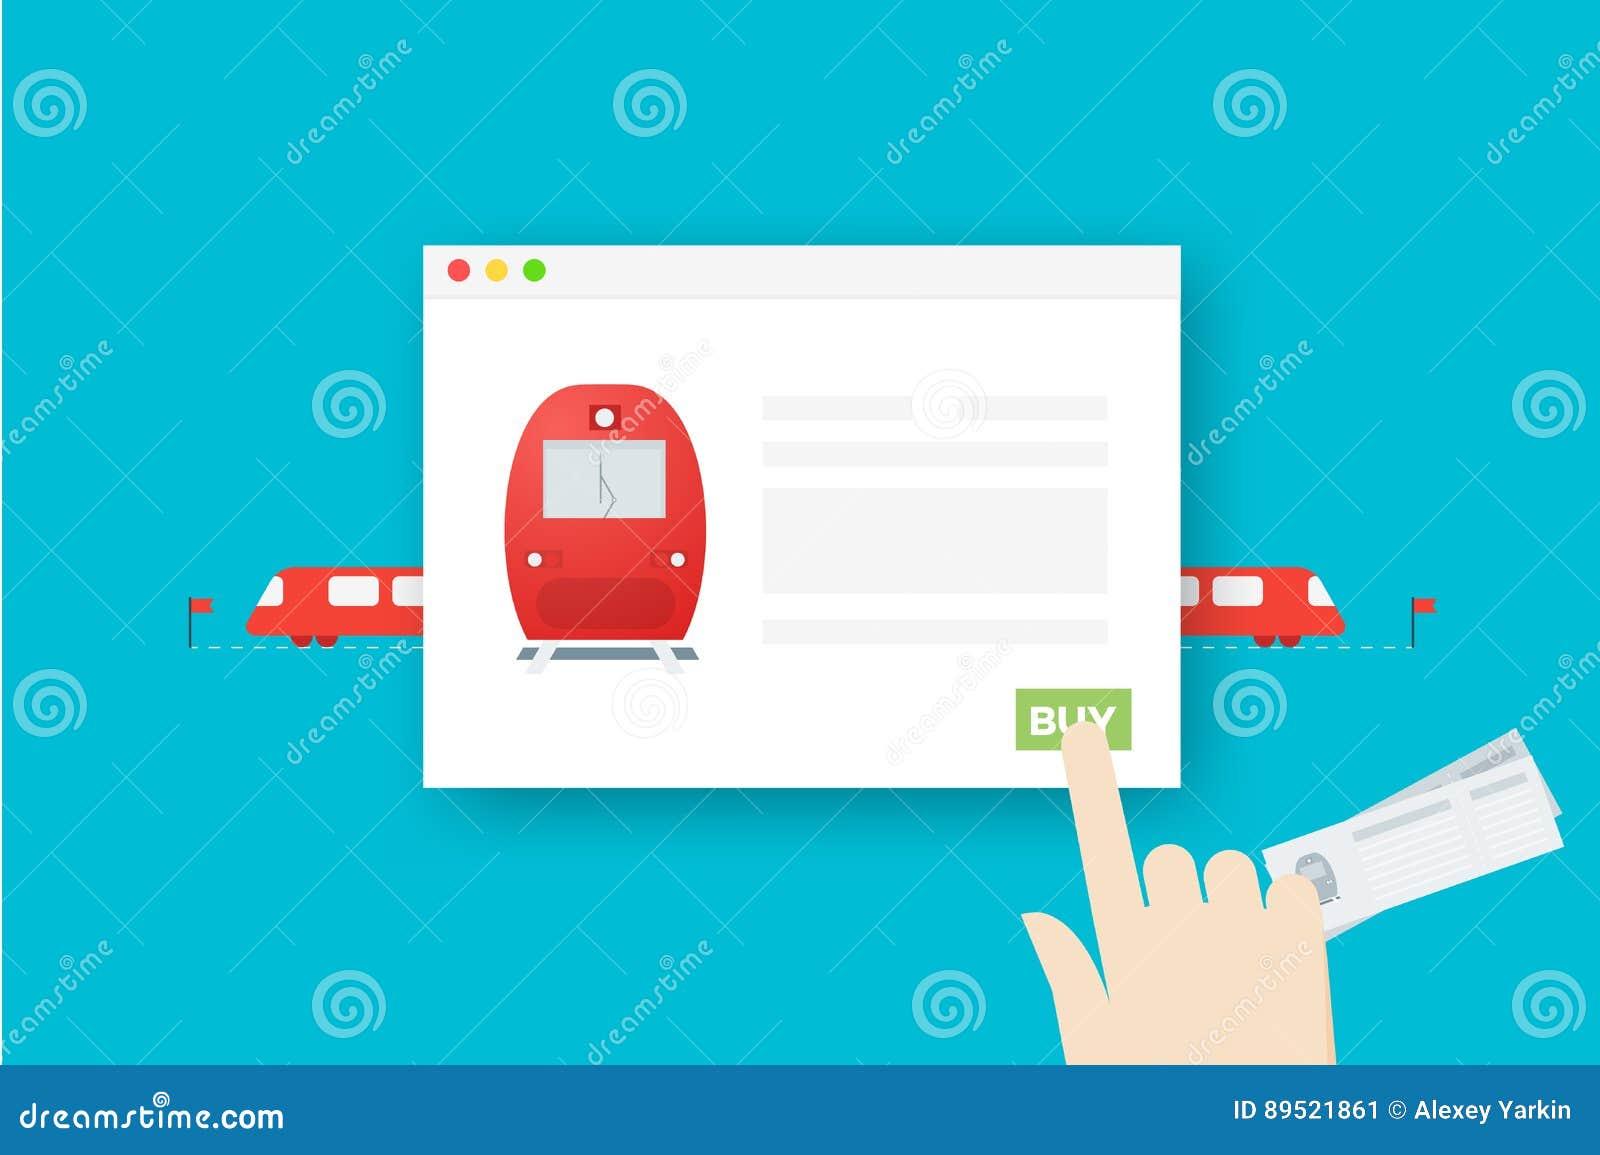 Bahnfahrkarten online Flache Vektor-begrifflichillustration Zusammenfassung überreichen web browser